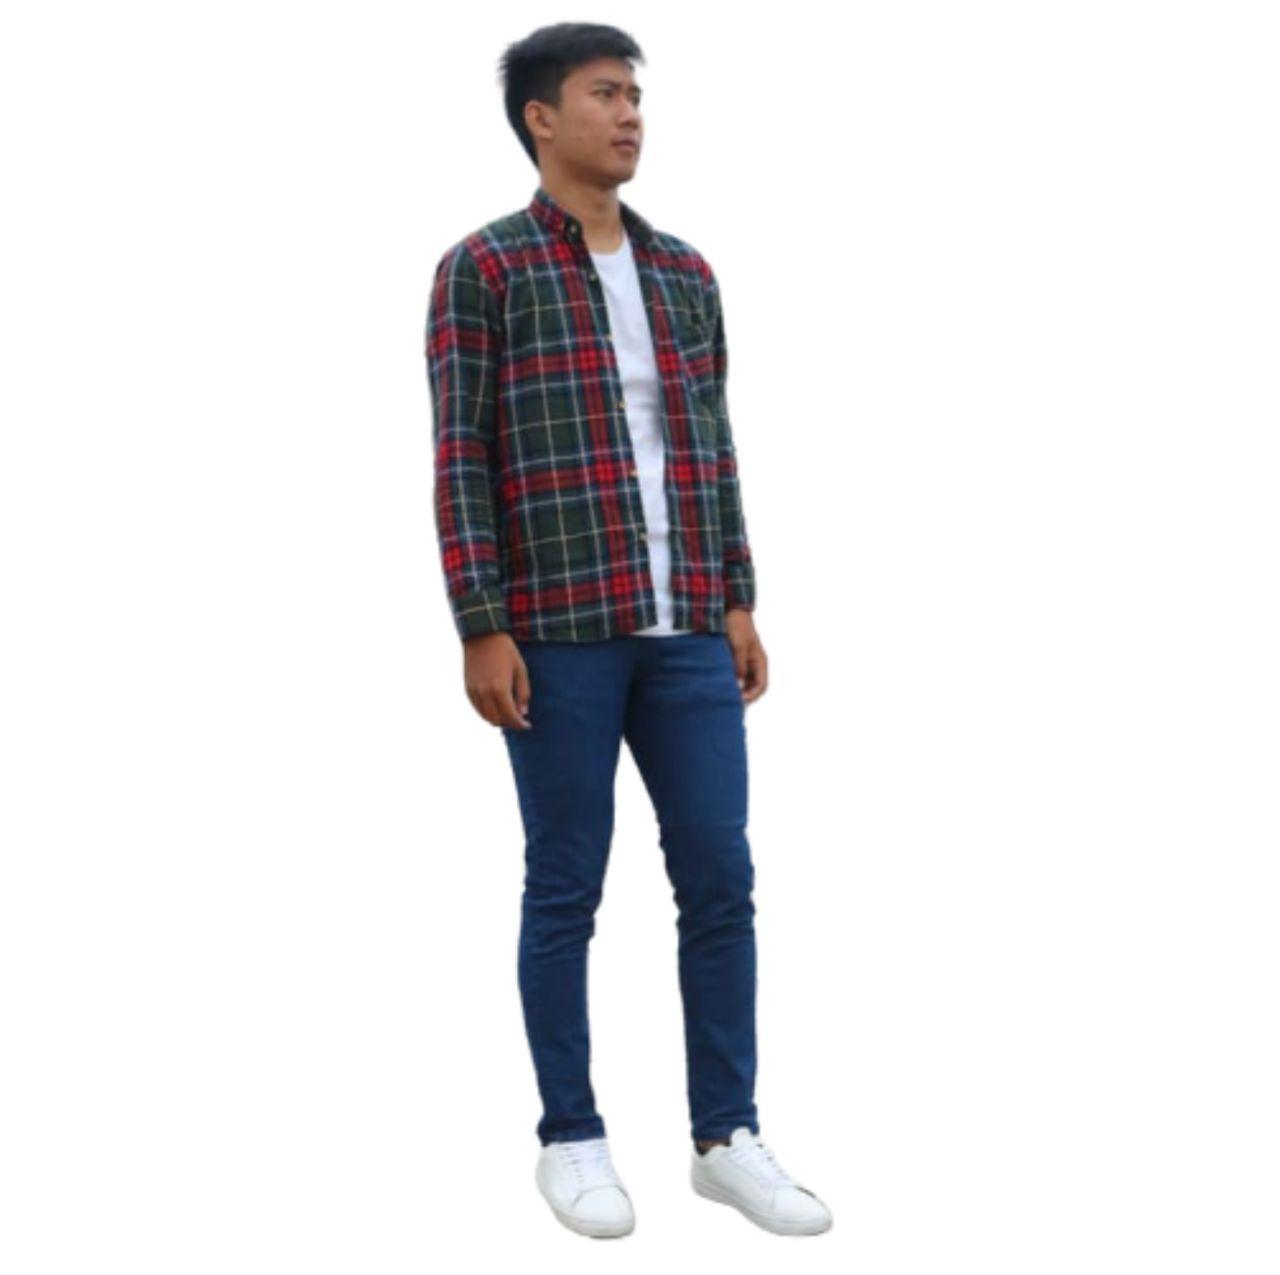 azday clothing